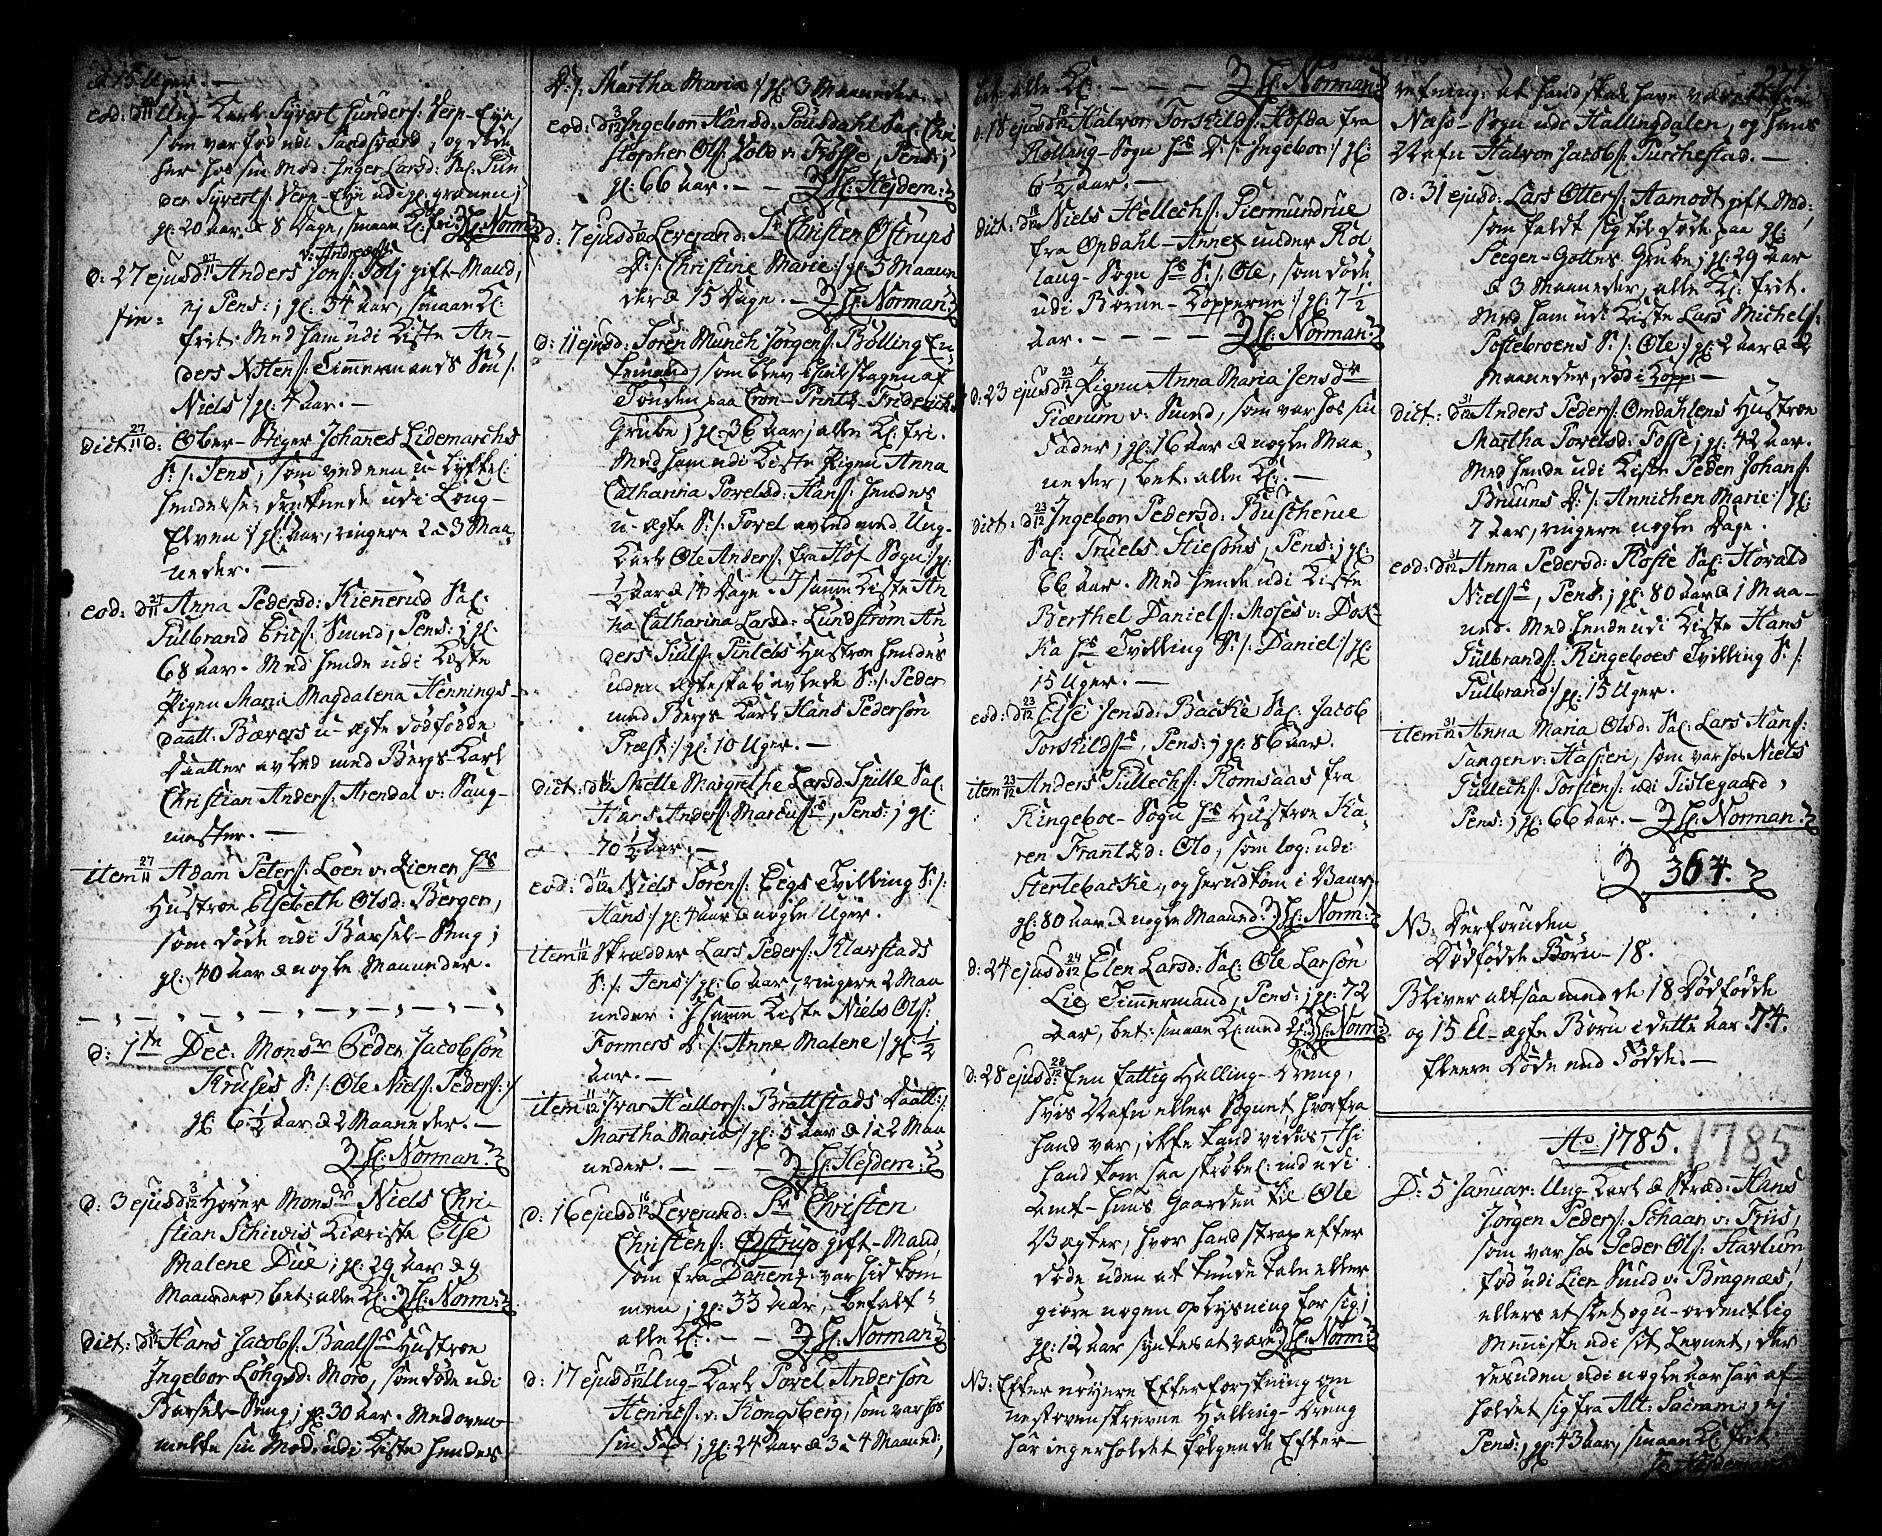 SAKO, Kongsberg kirkebøker, F/Fa/L0006: Ministerialbok nr. I 6, 1783-1797, s. 277